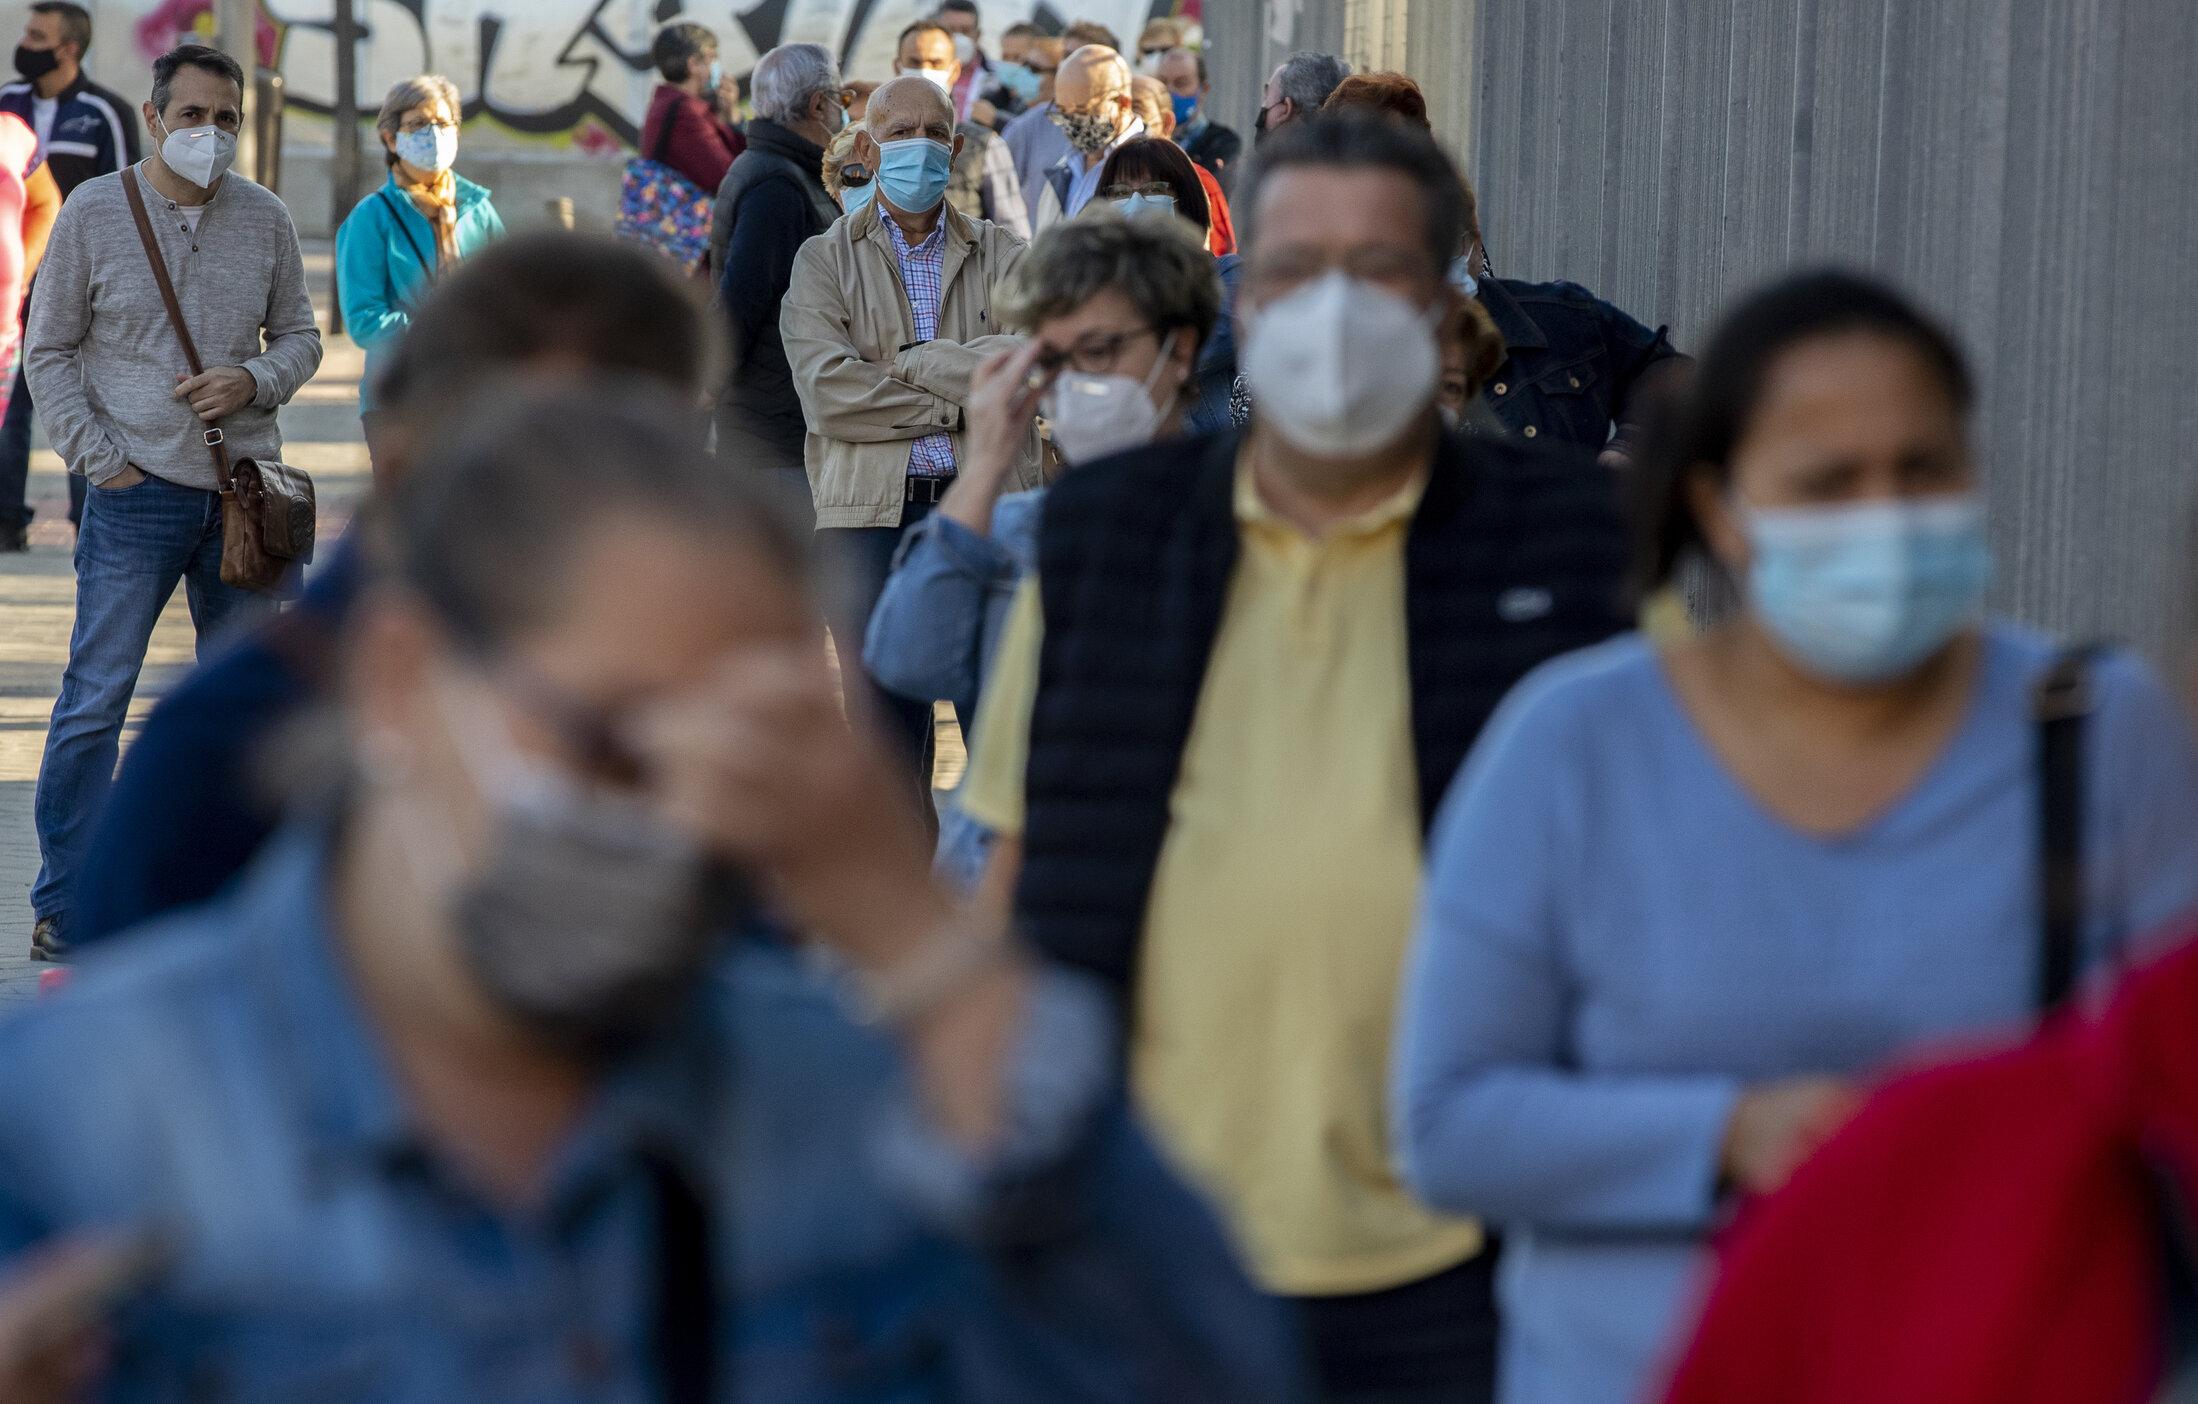 Sezonul gripal va veni devreme si va lovi puternic, spun oficialii israelieni din domeniul sănătății